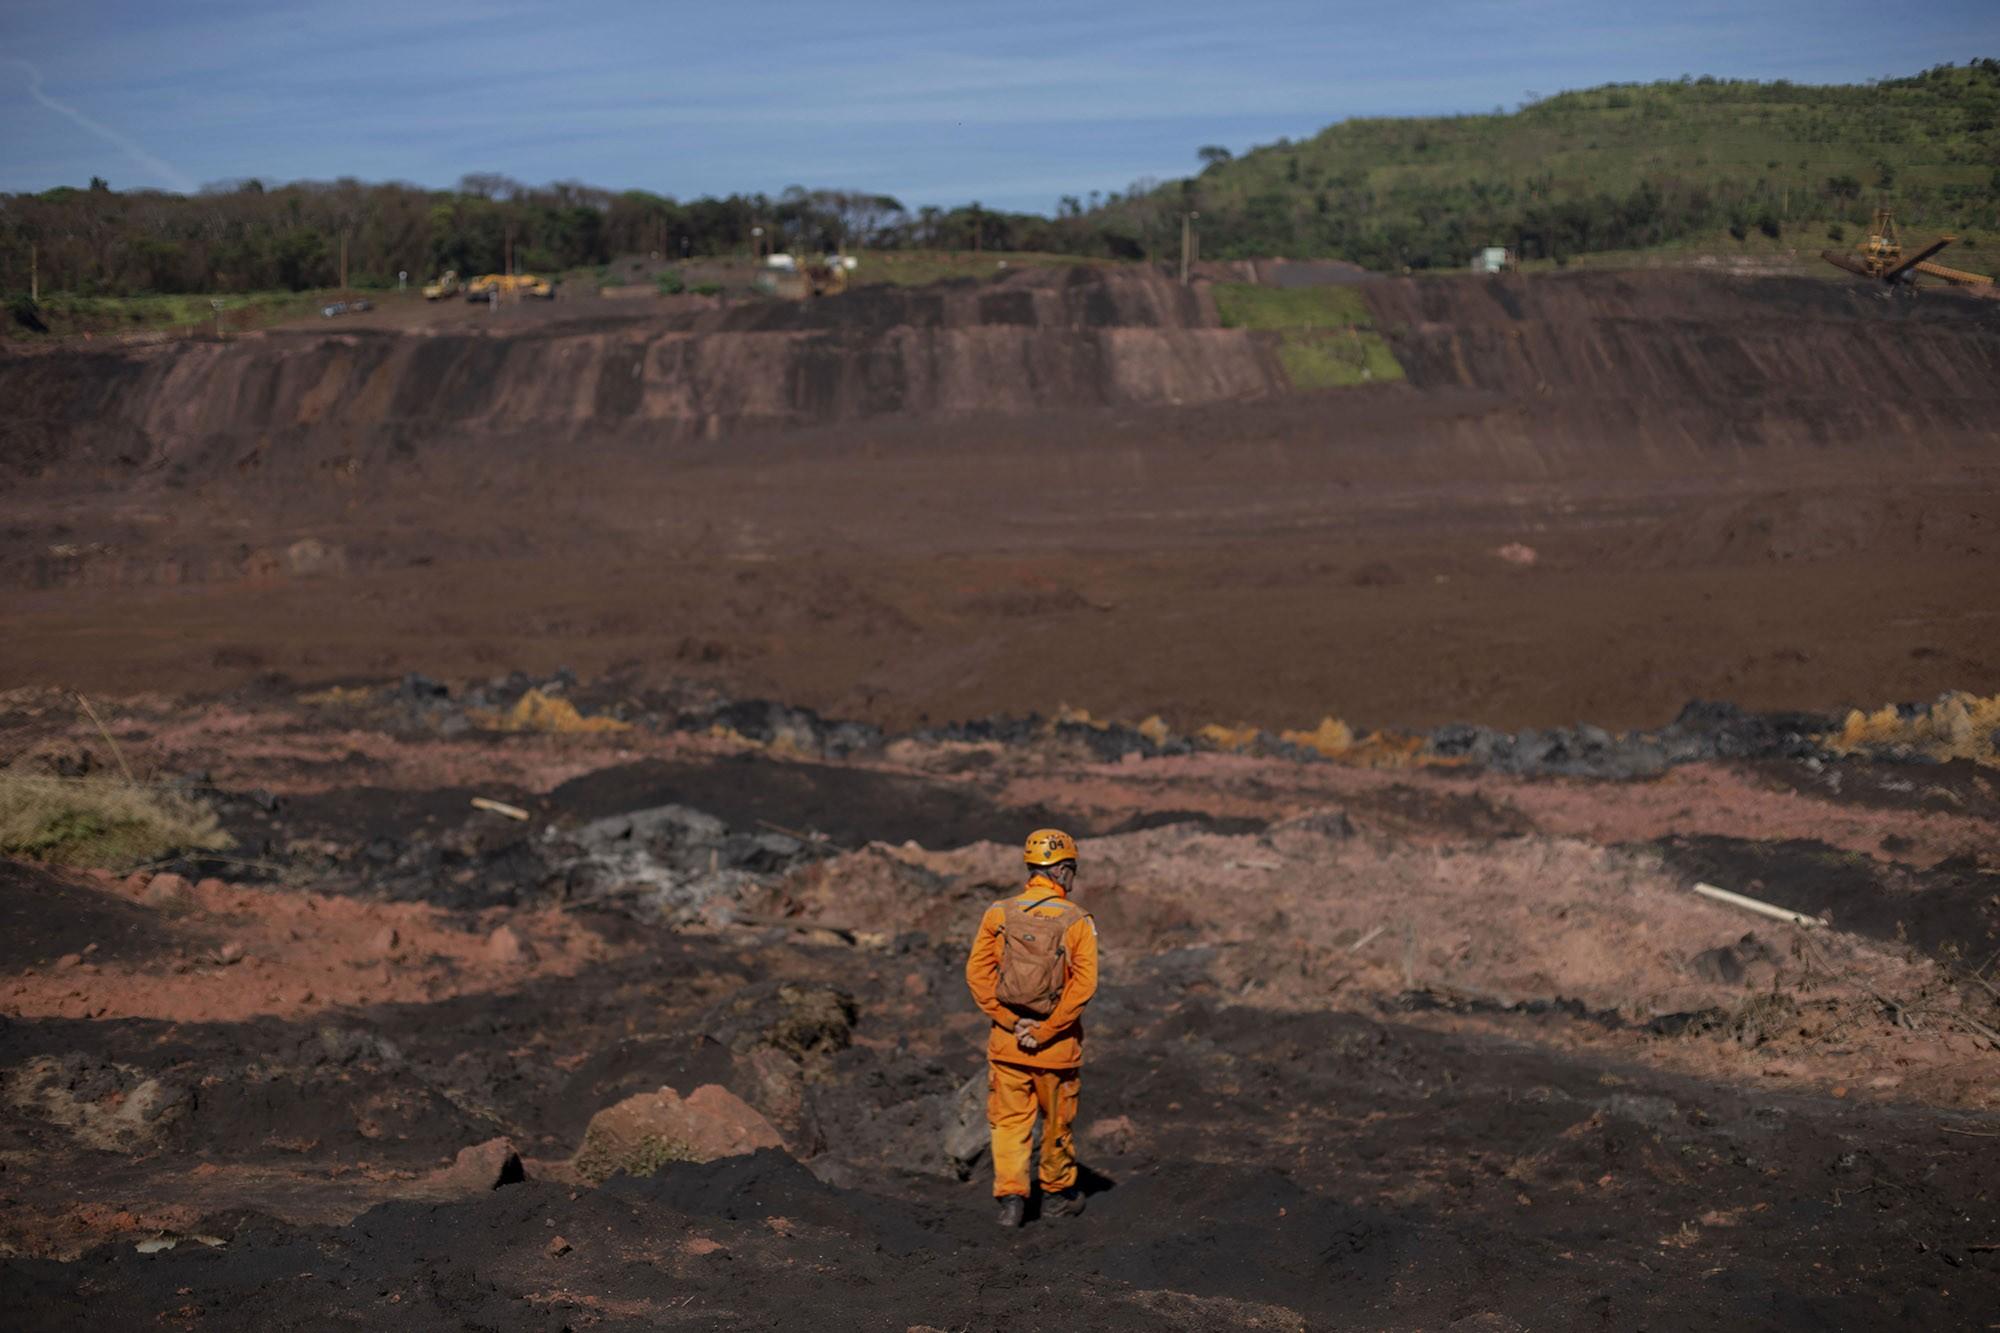 Governo Zema repassou, no ano da tragédia de Brumadinho, só 38% da taxa para fiscalizar mineração, diz MP de Contas